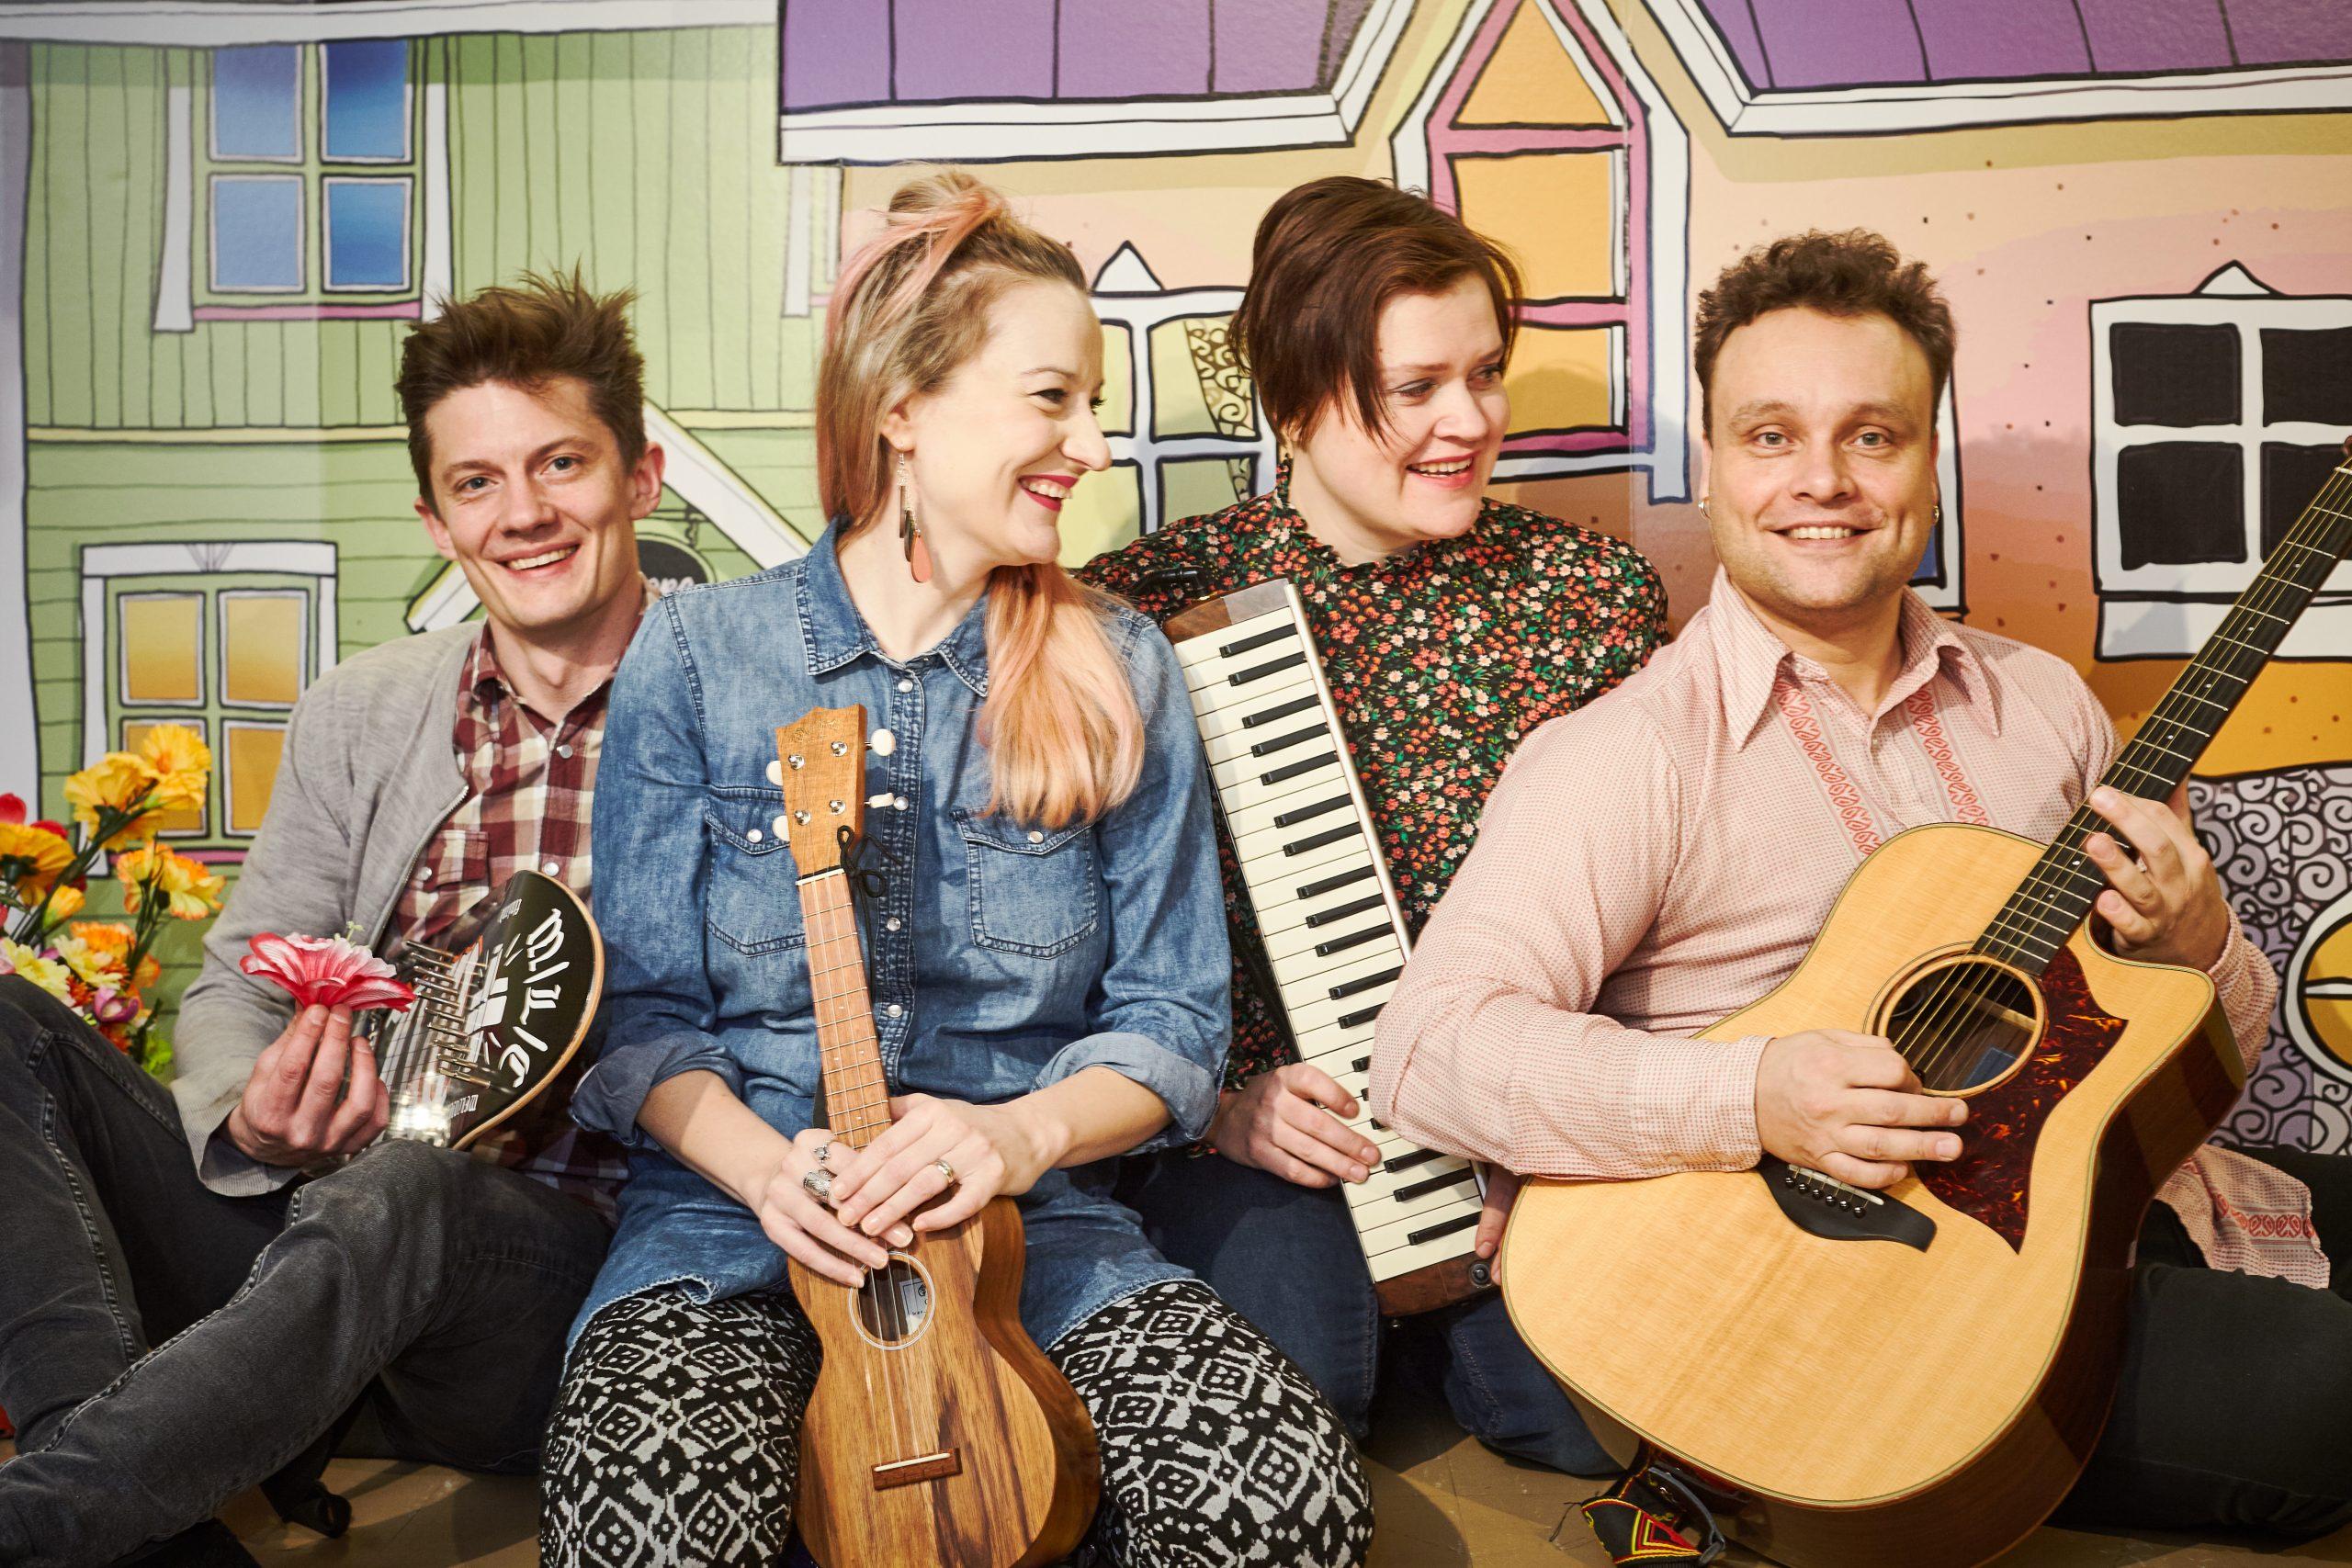 Kuvassa Juurikadun orkesterin jäsenet istuvat hymyillen soittimet kädessä talomaiseman edessä.